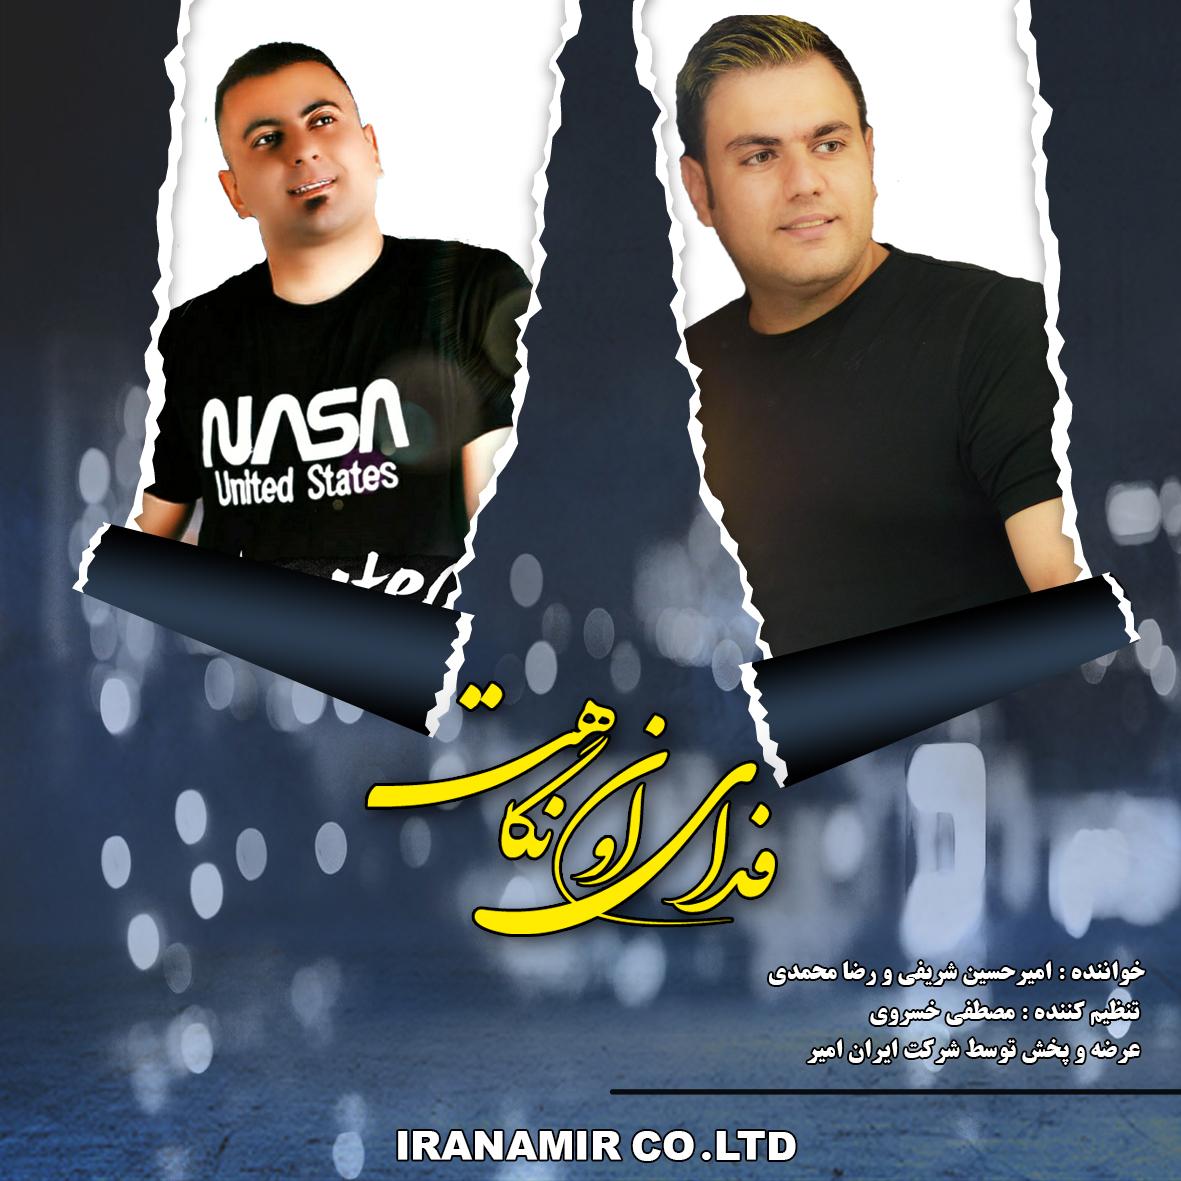 دانلود آهنگ فدای اون نگاهت با صدای امیرحسین شریفی و رضا محمدی